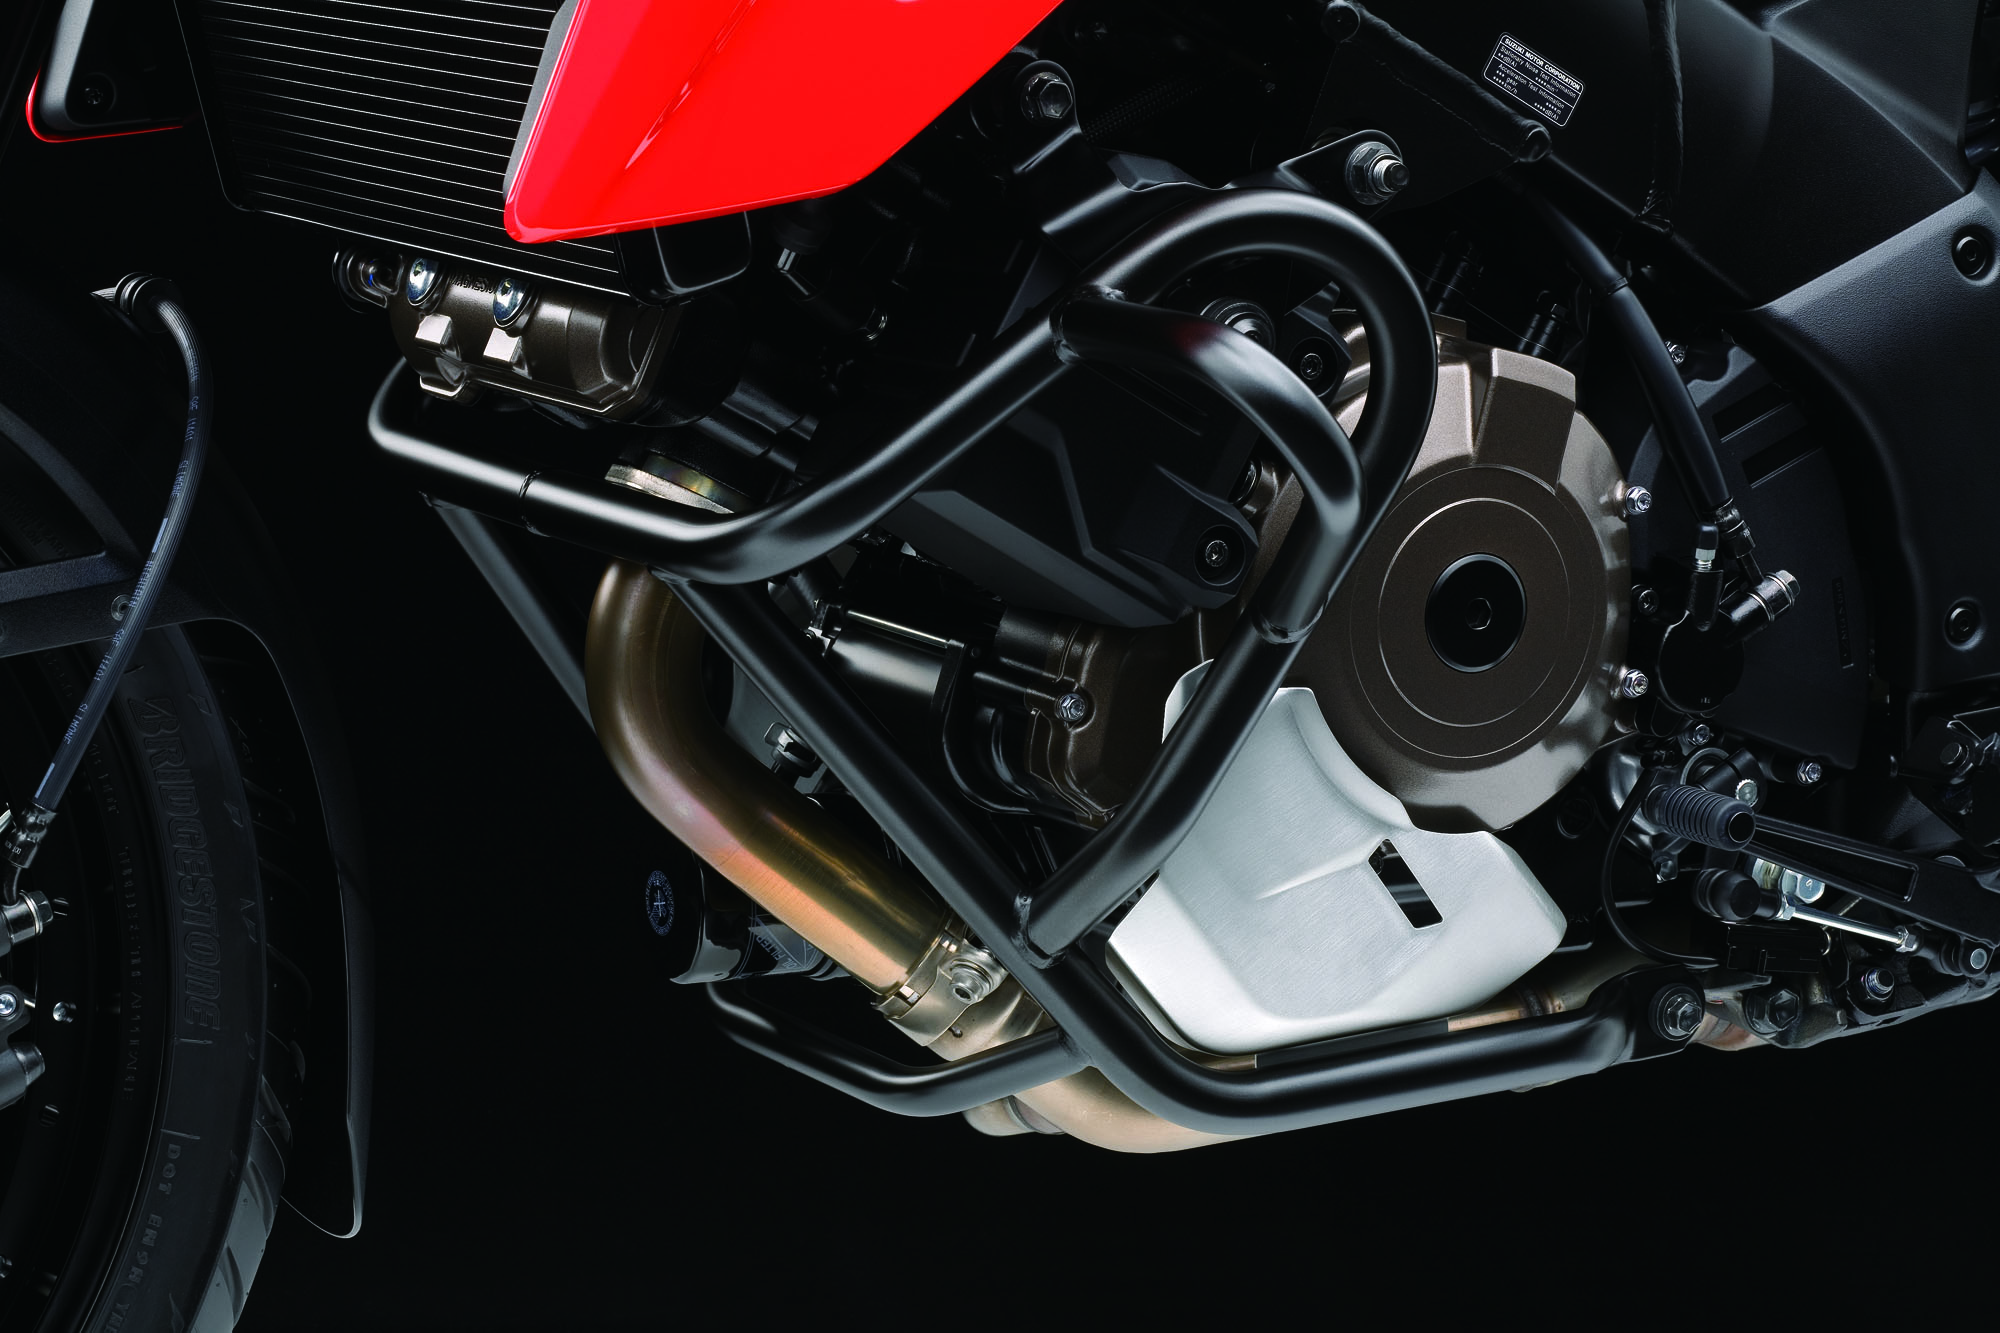 DL1050RCM0 accessory bar